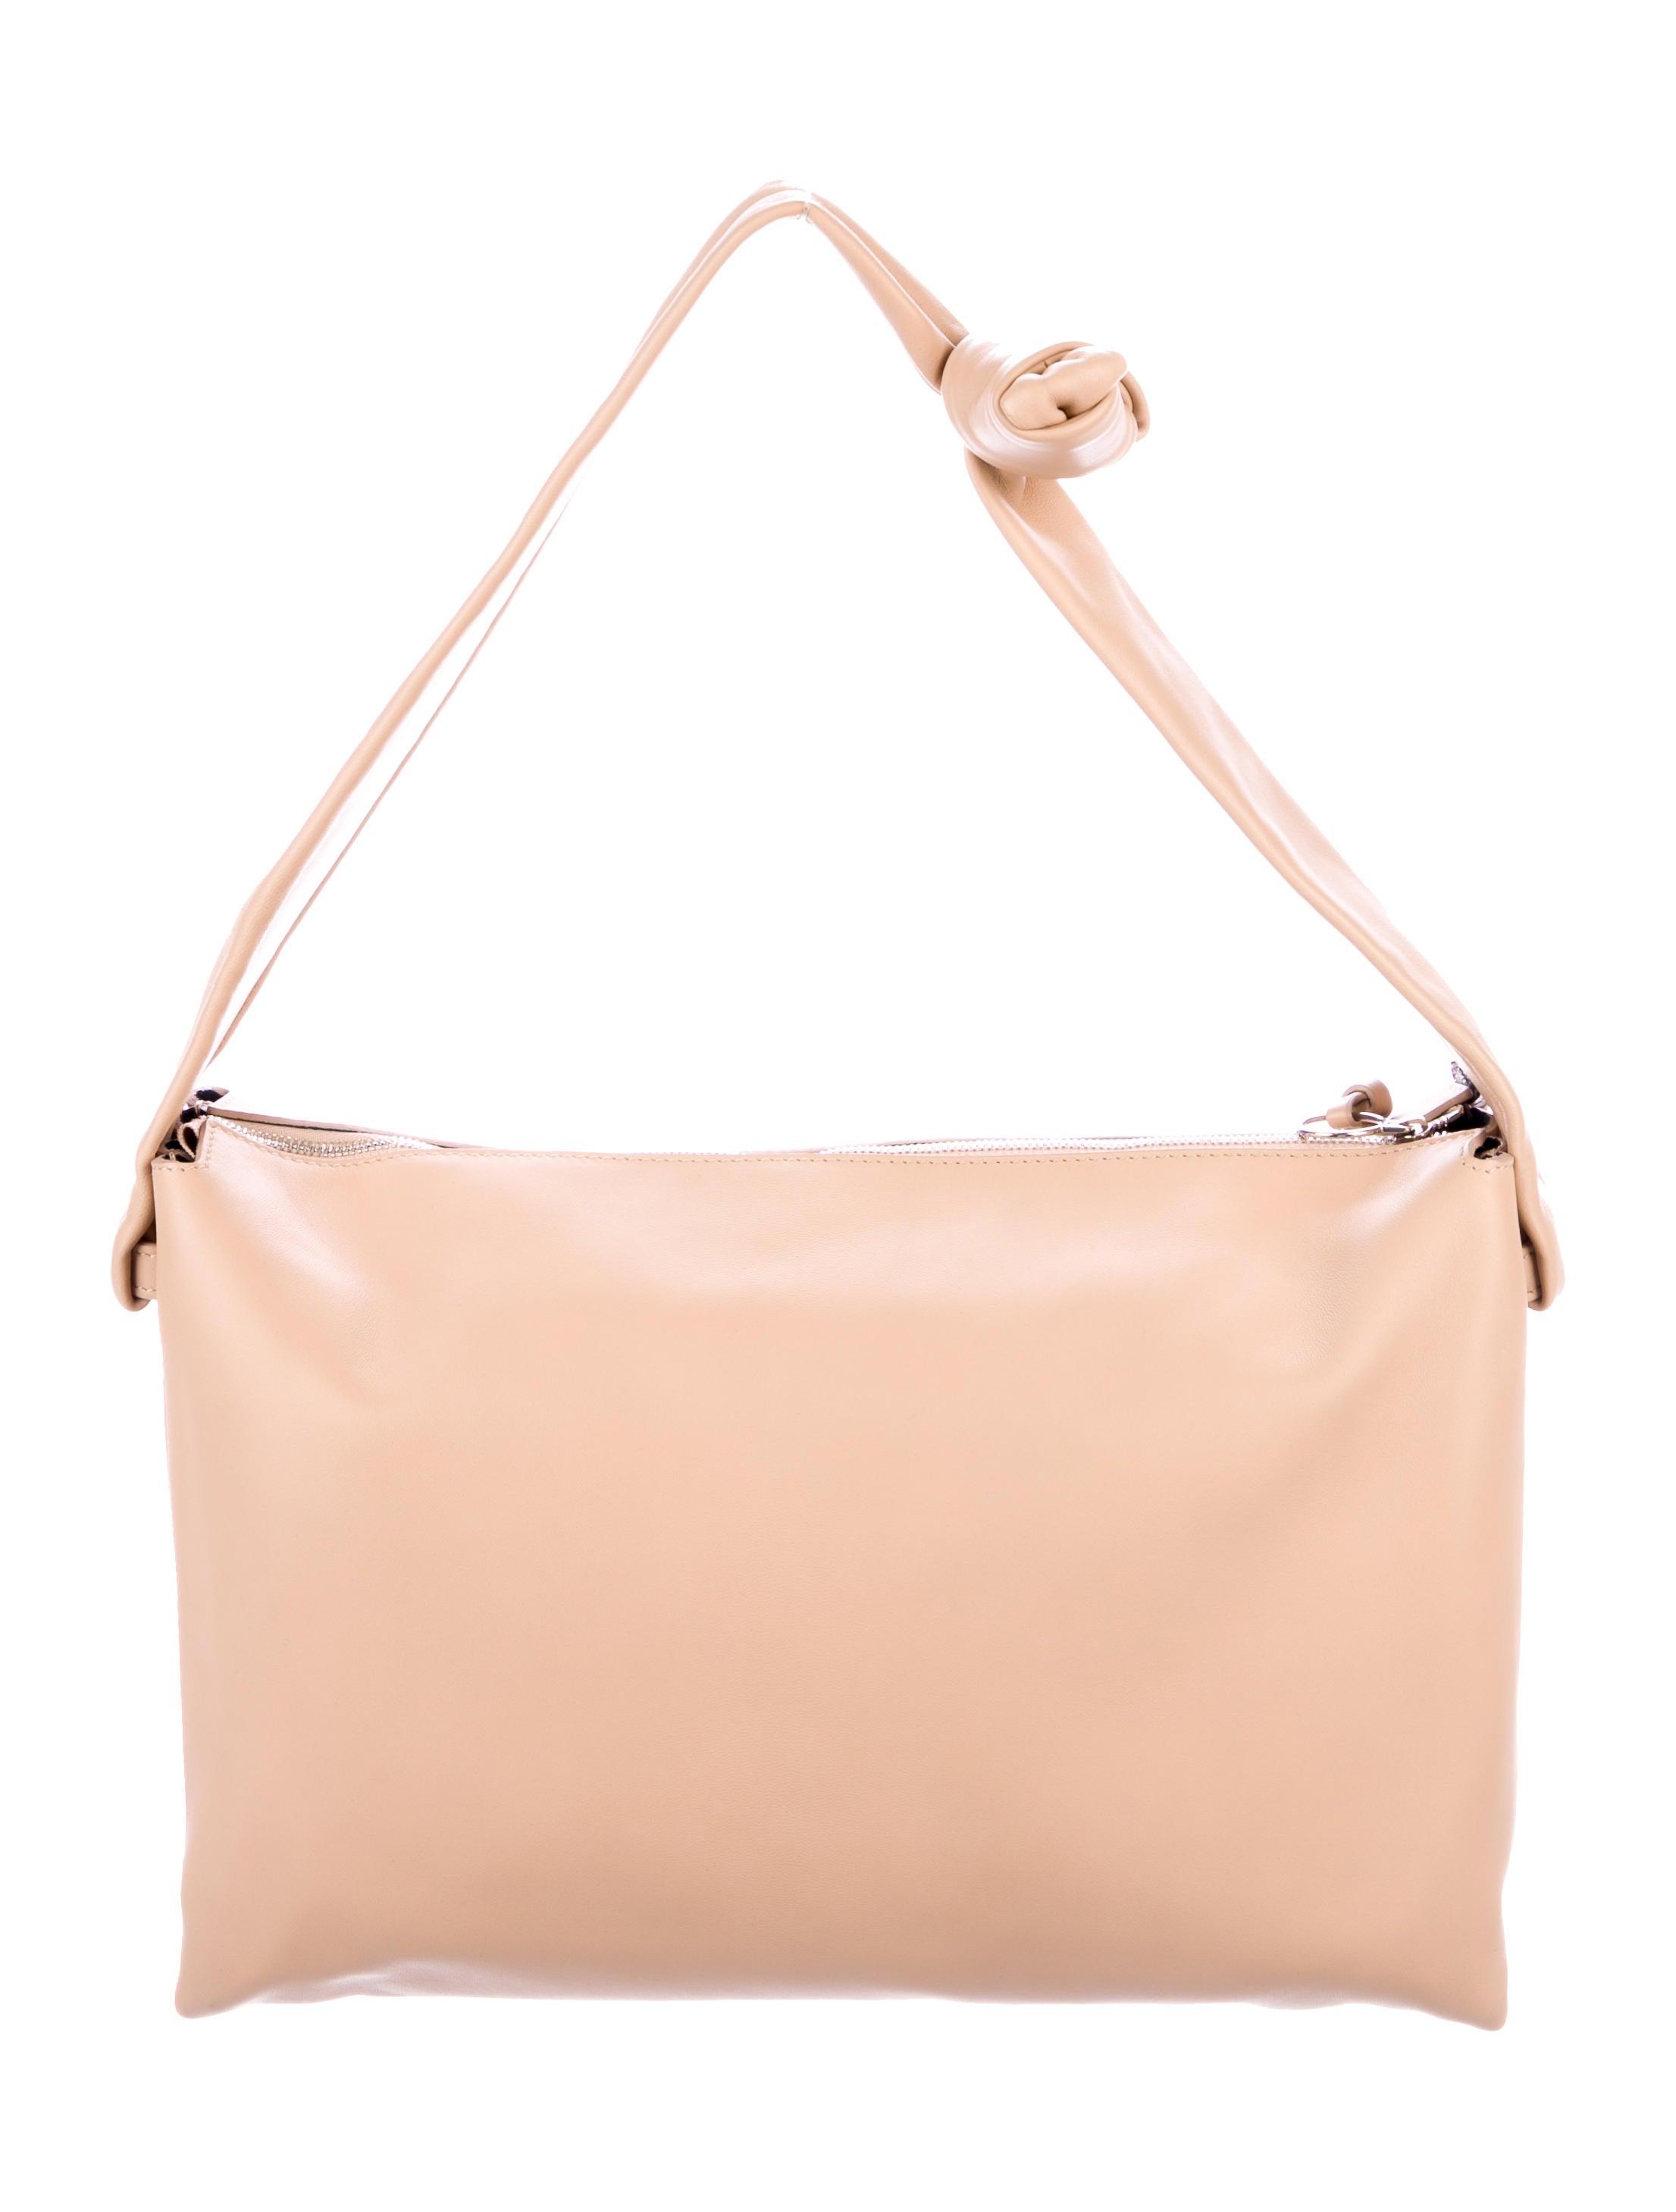 9f9687e0d759 ... Shoulder Céline Shoulder Bag Shoulder Knotted Bag Knotted Céline Céline  Knotted Bag qx0EwHxf ...